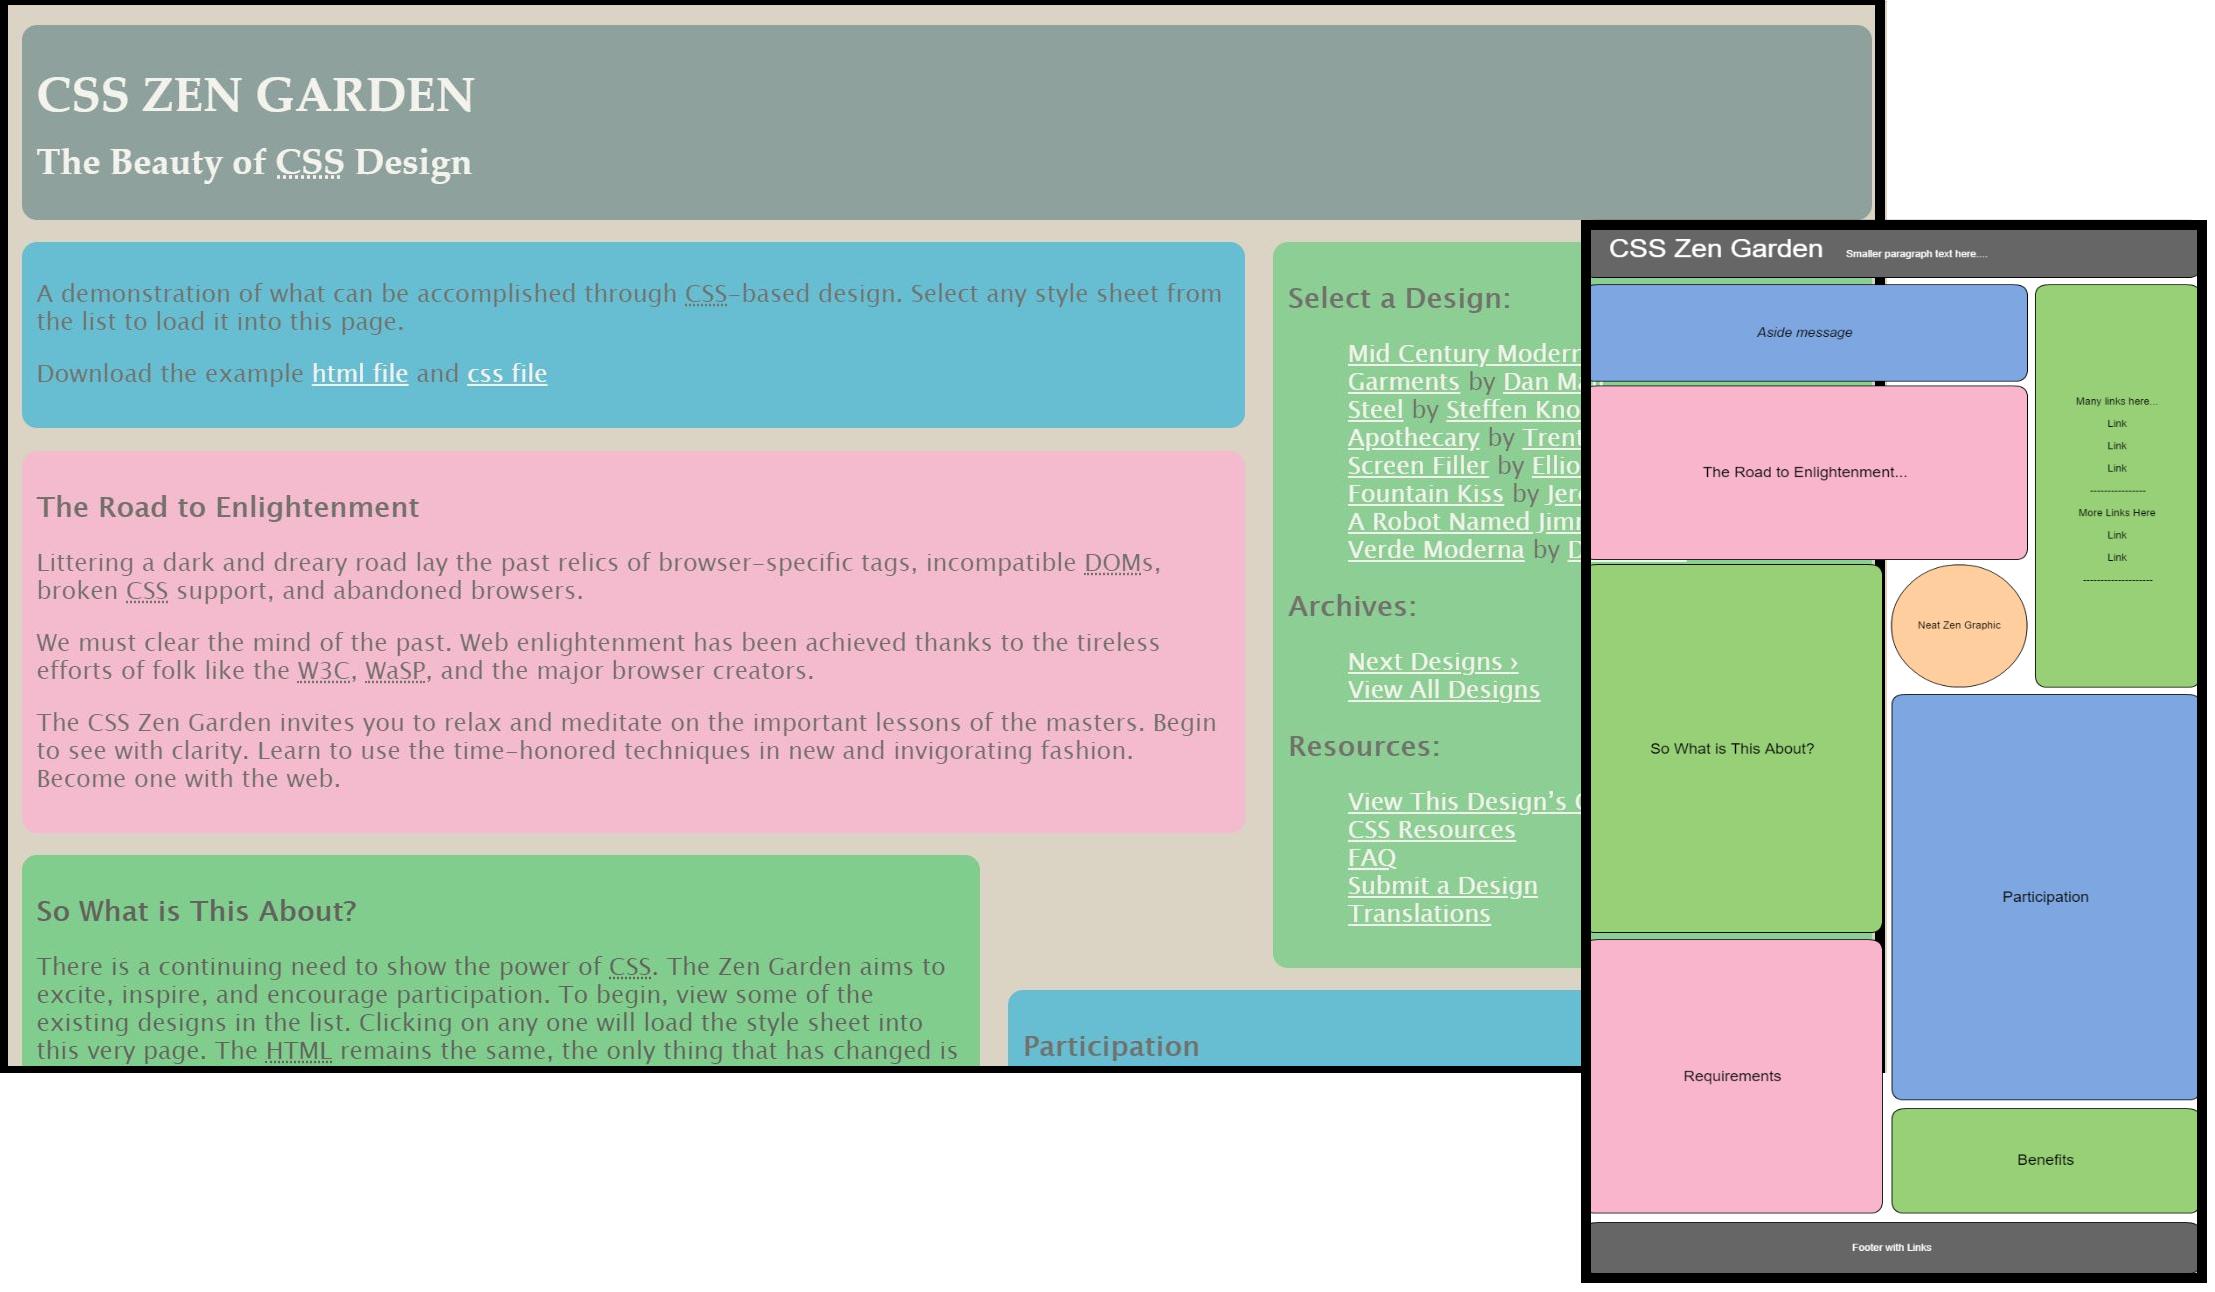 full screen and mobile view of website - Css Zen Garden